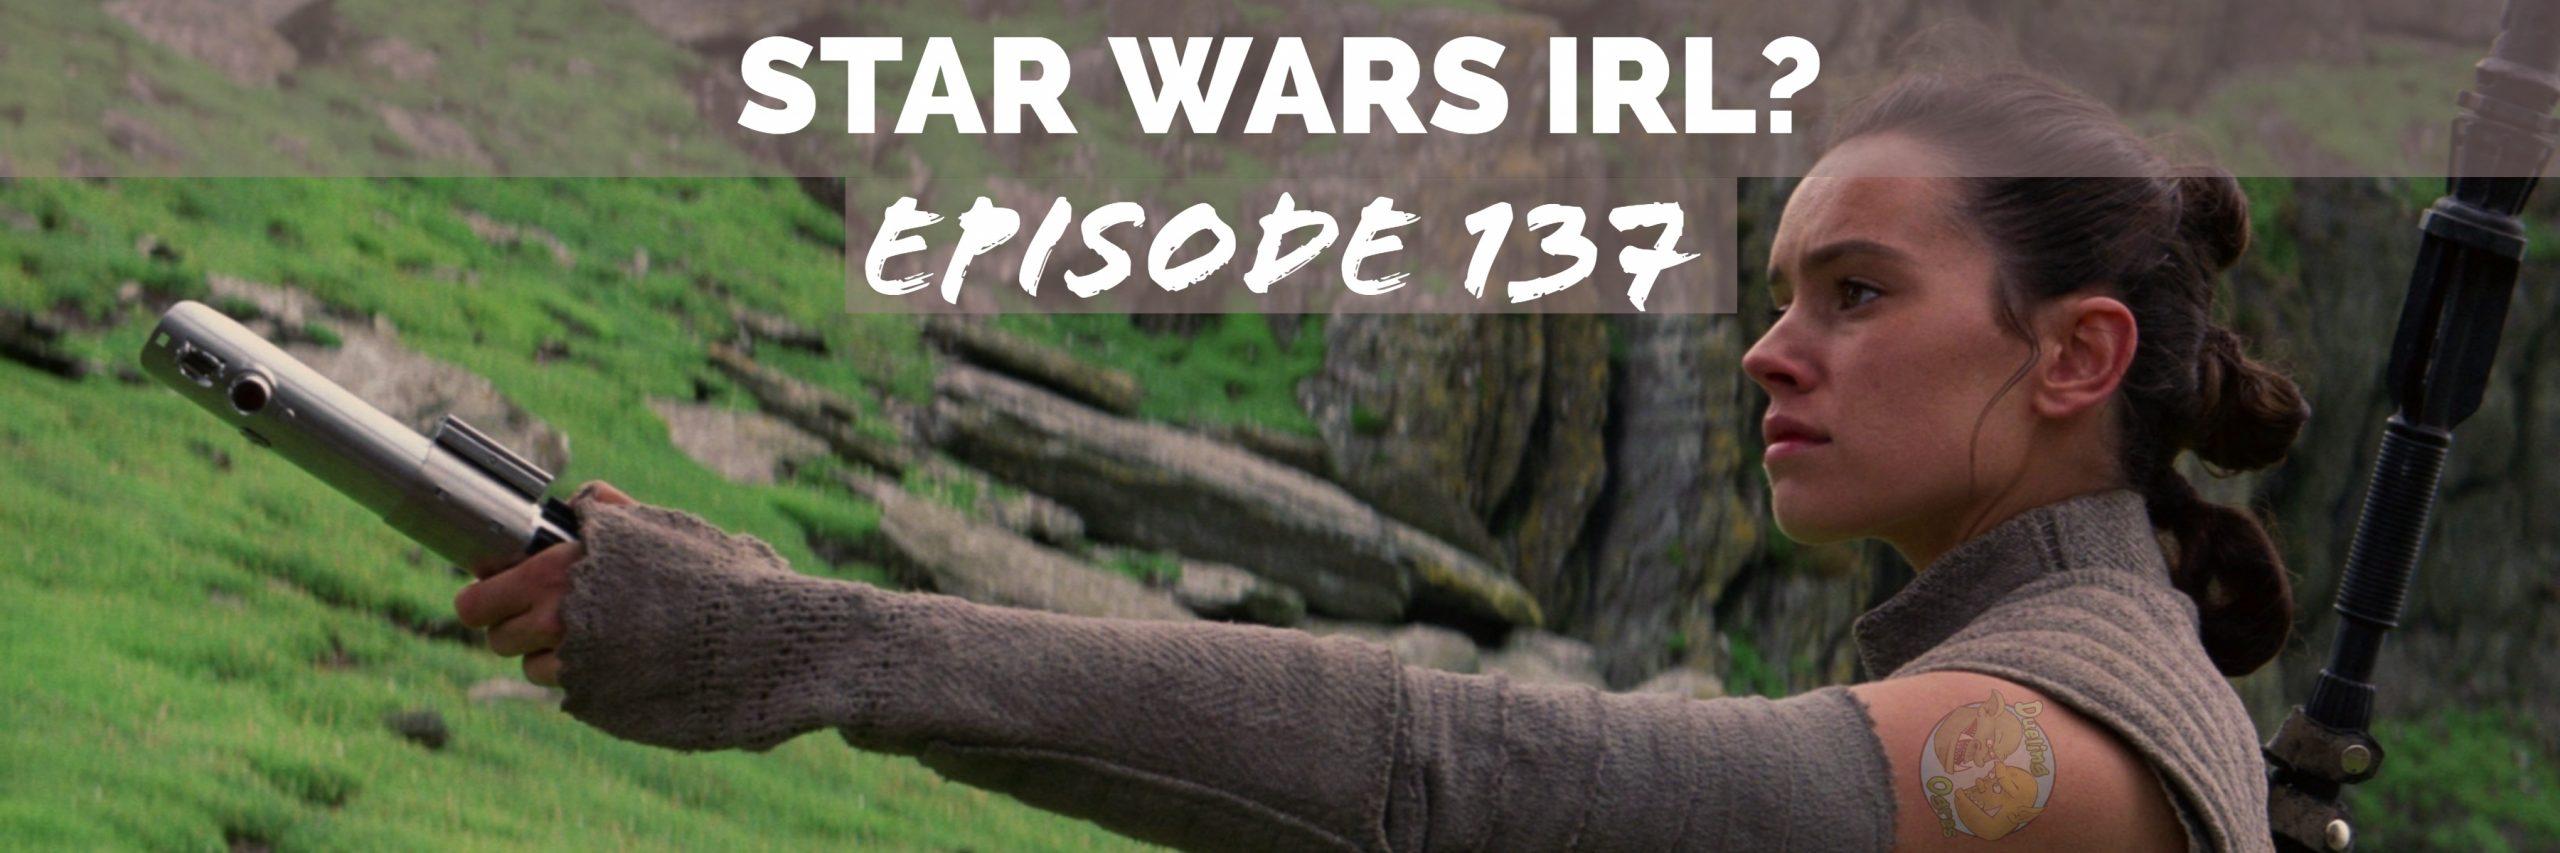 Episode 137: Star Wars IRL?